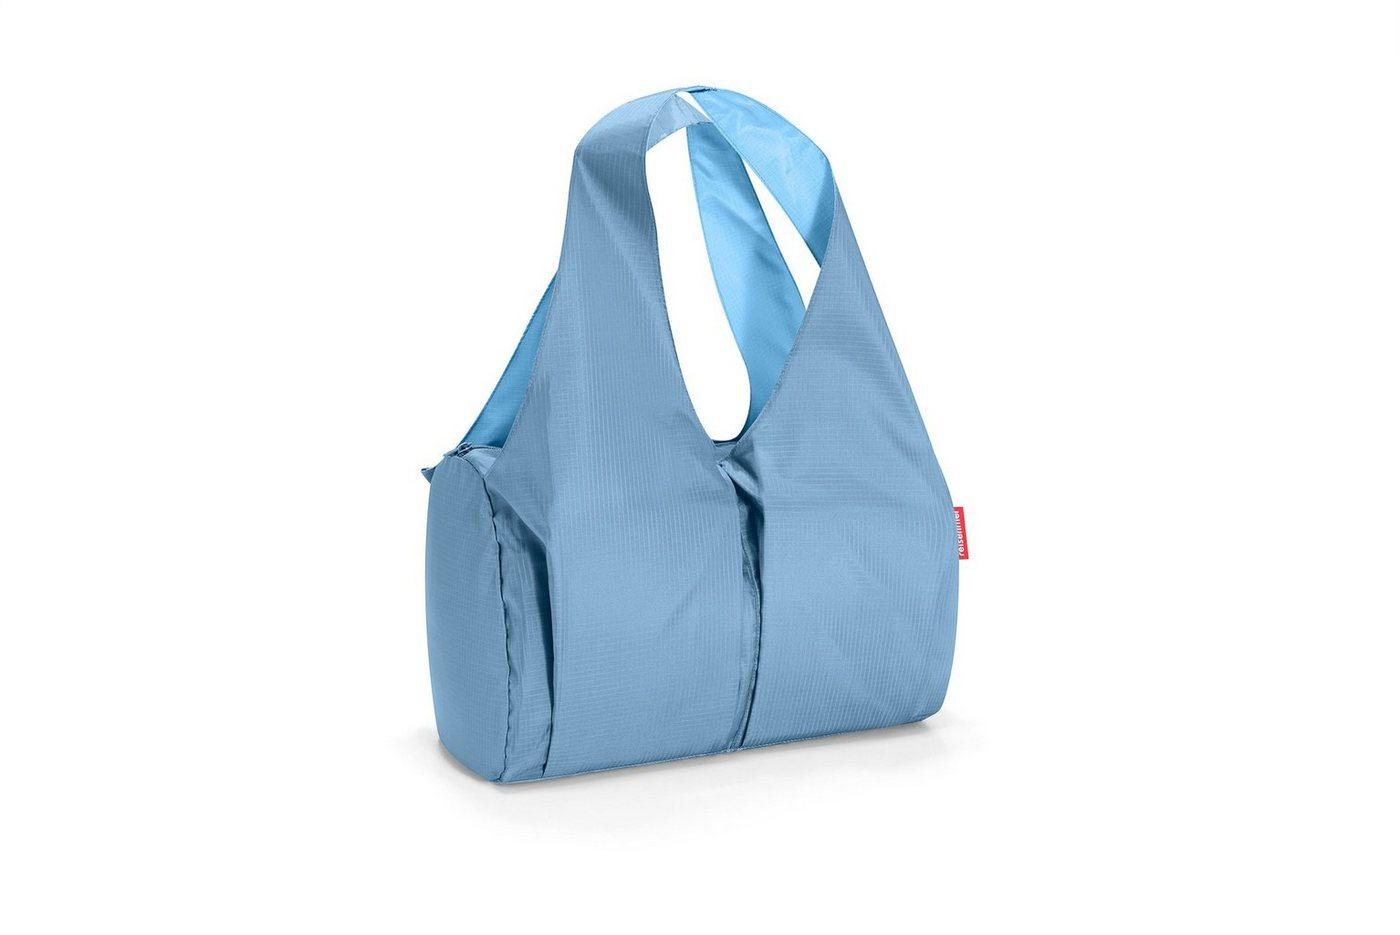 Damen REISENTHEL® Schultertasche mini maxi happybag indigo blau | 04012013584640